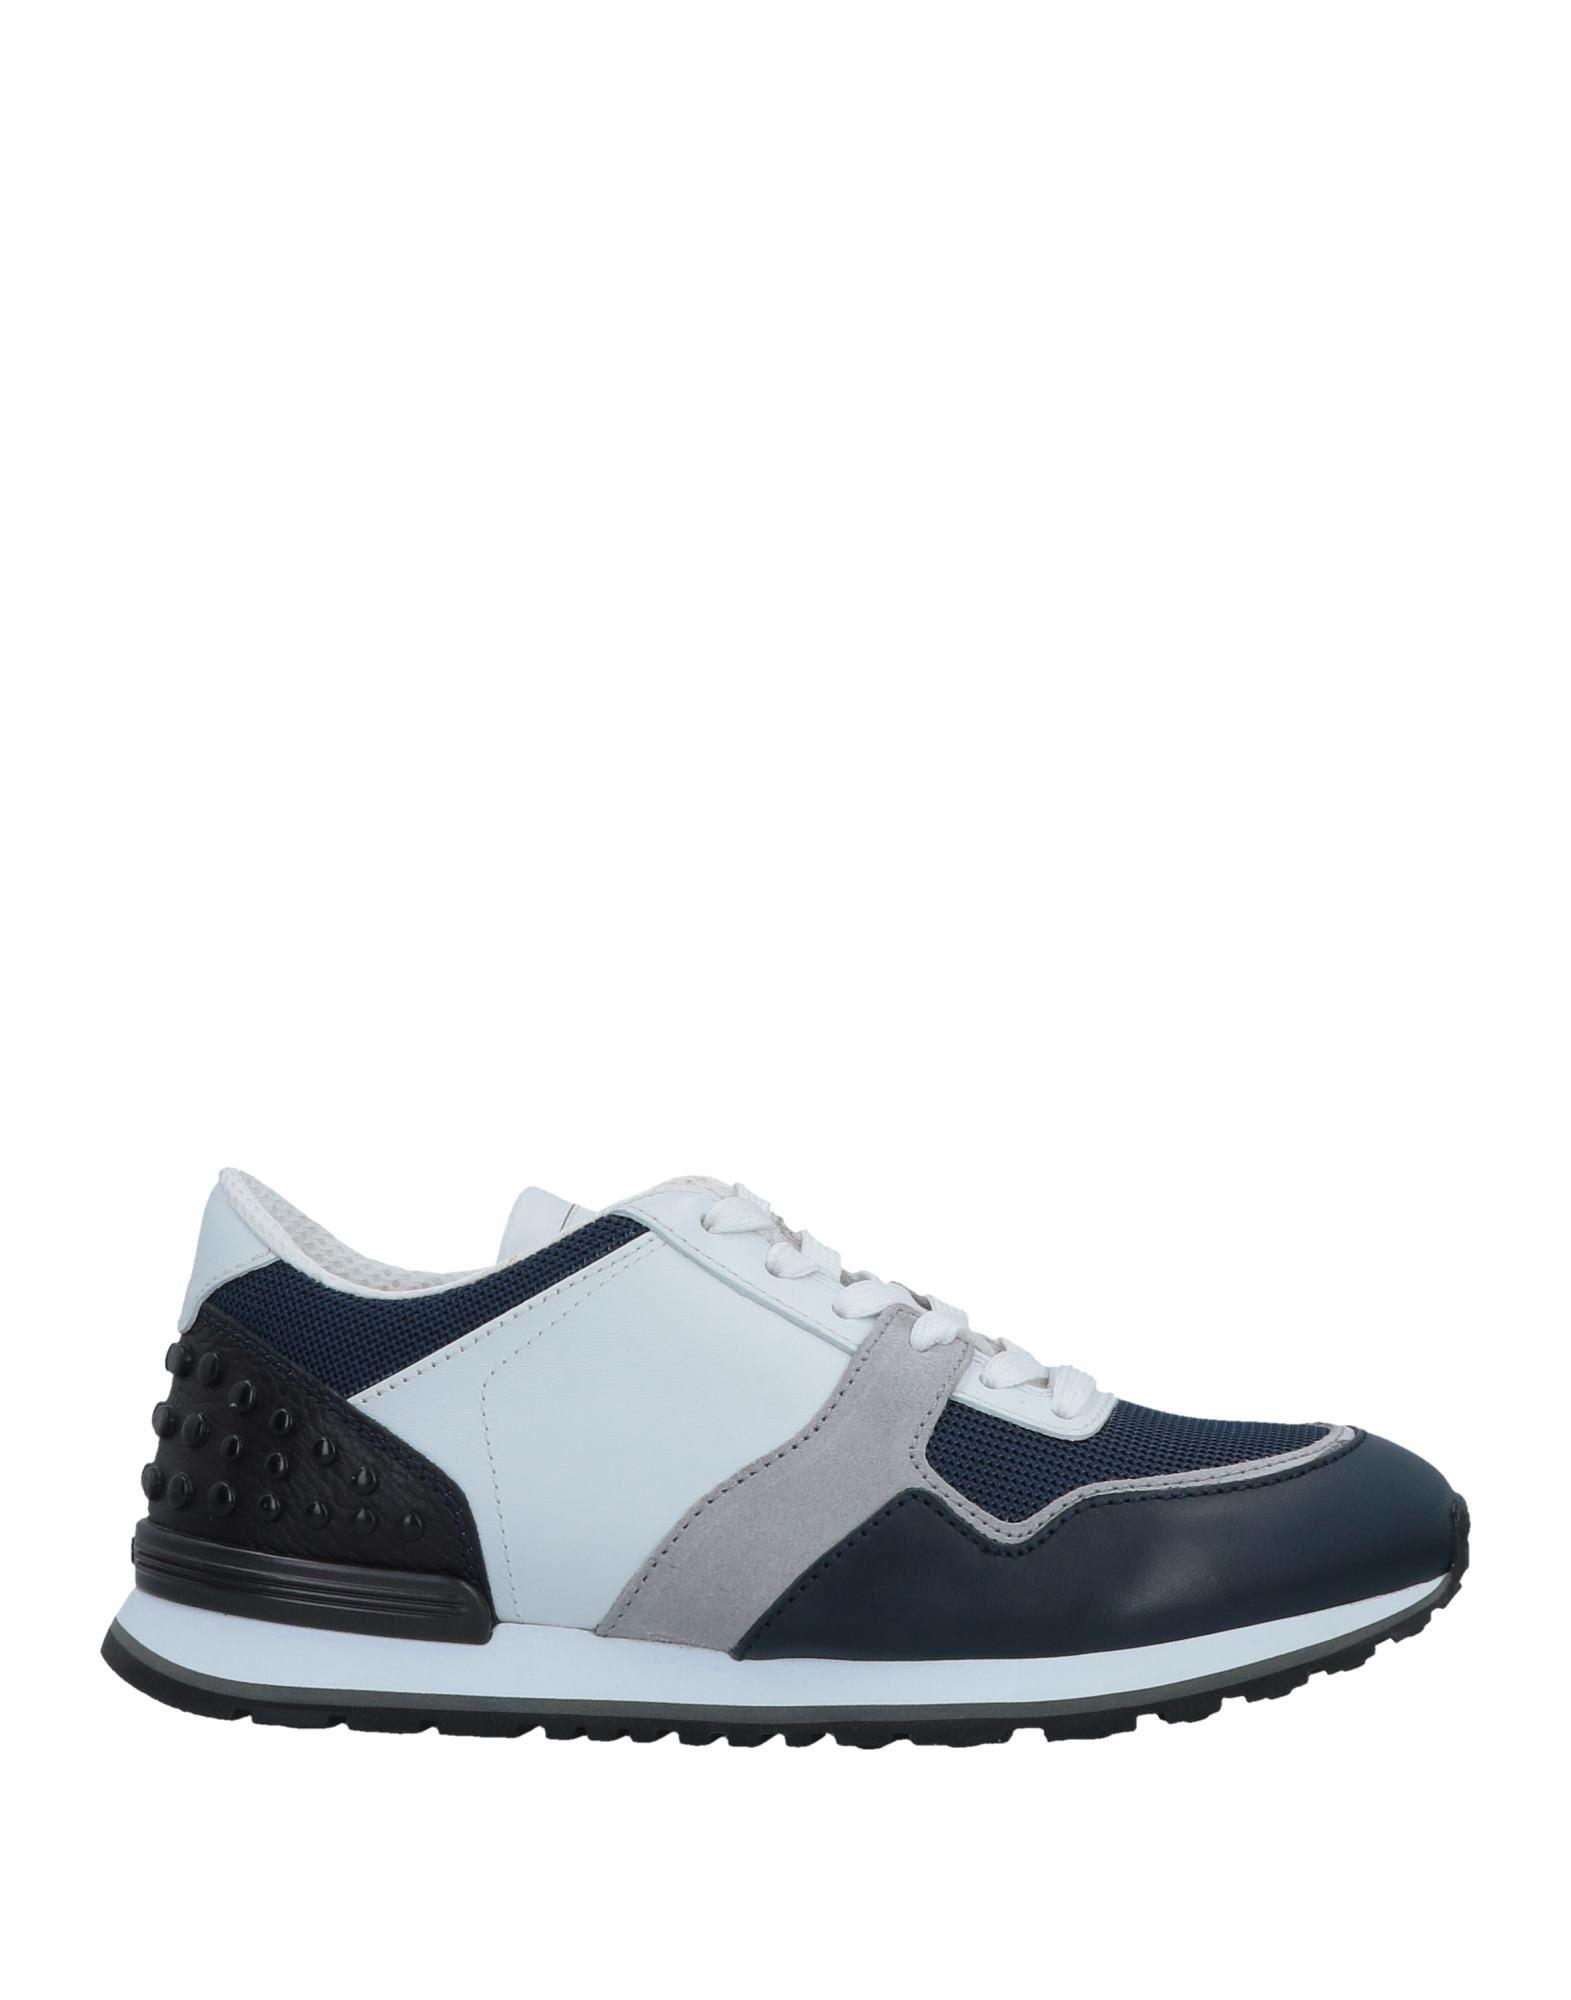 Sneakers Tod's Homme - Sneakers Tod's  Bleu foncé Mode pas cher et belle